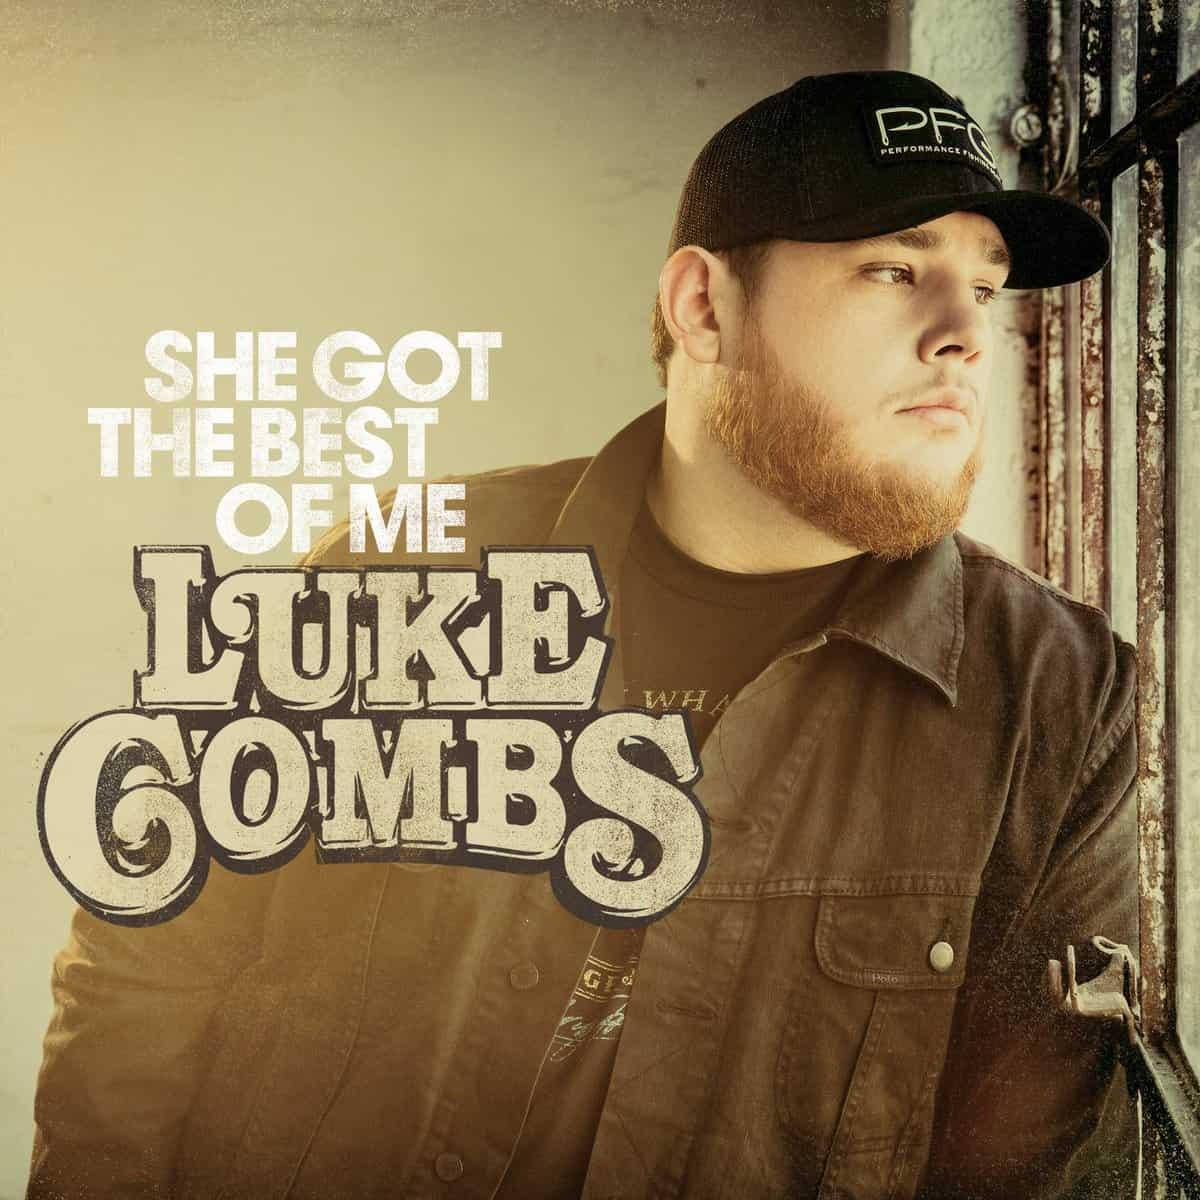 แปลเพลง She Got the Best of Me – Luke Combs ความหมายเพลง